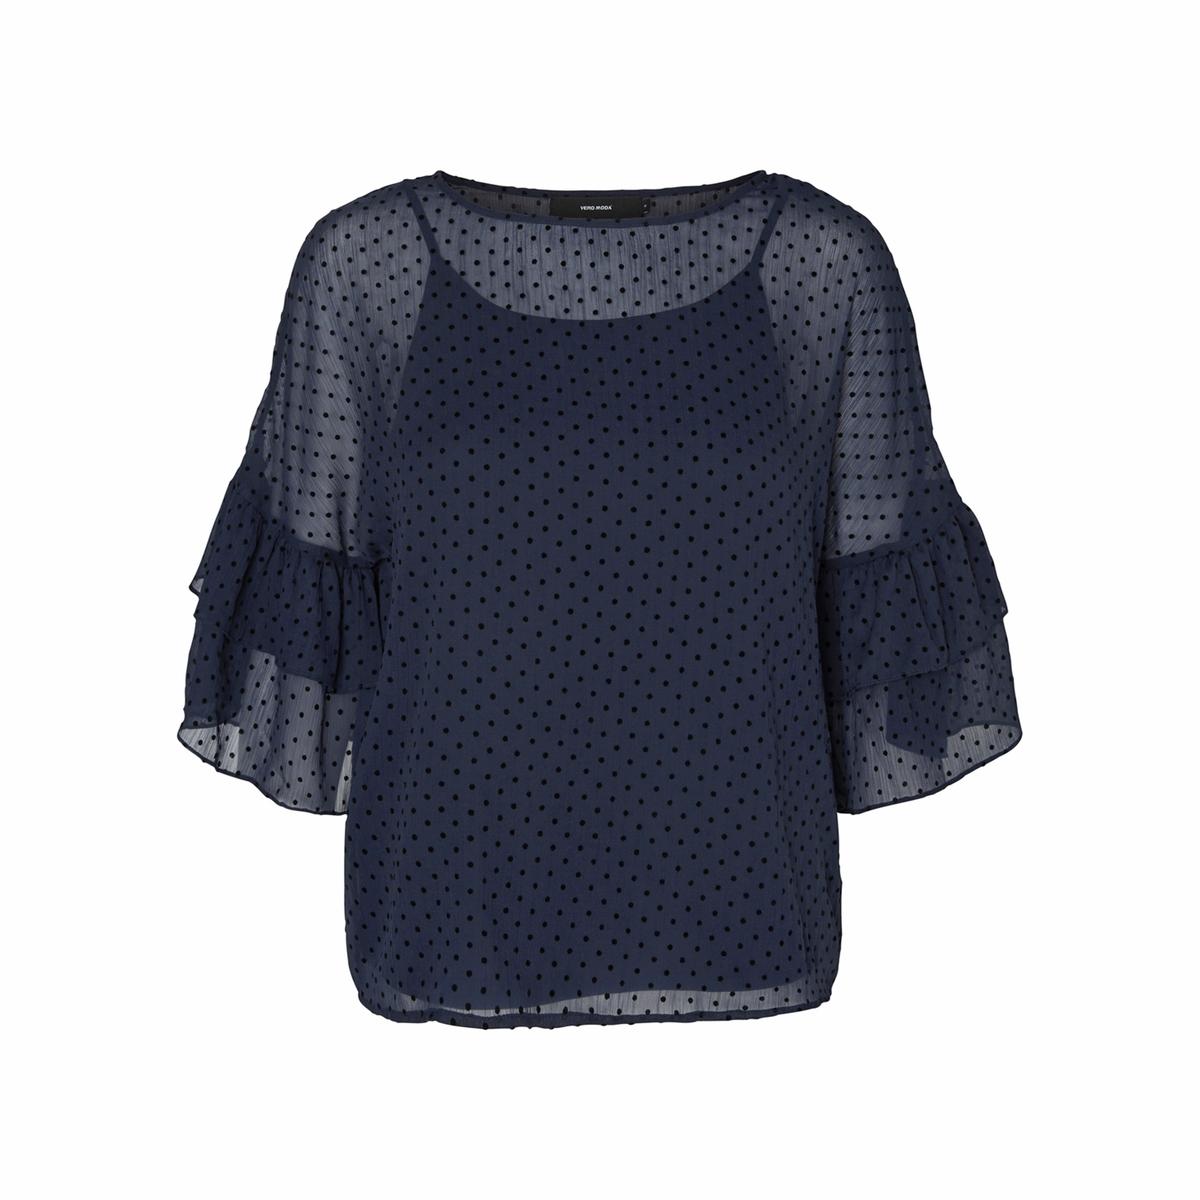 Блузка однотонная с круглым вырезом и длинными рукавамиДетали •  Длинные рукава •  Круглый вырезСостав и уход •  100% полиэстер •  Следуйте советам по уходу, указанным на этикетке<br><br>Цвет: синий морской<br>Размер: XS